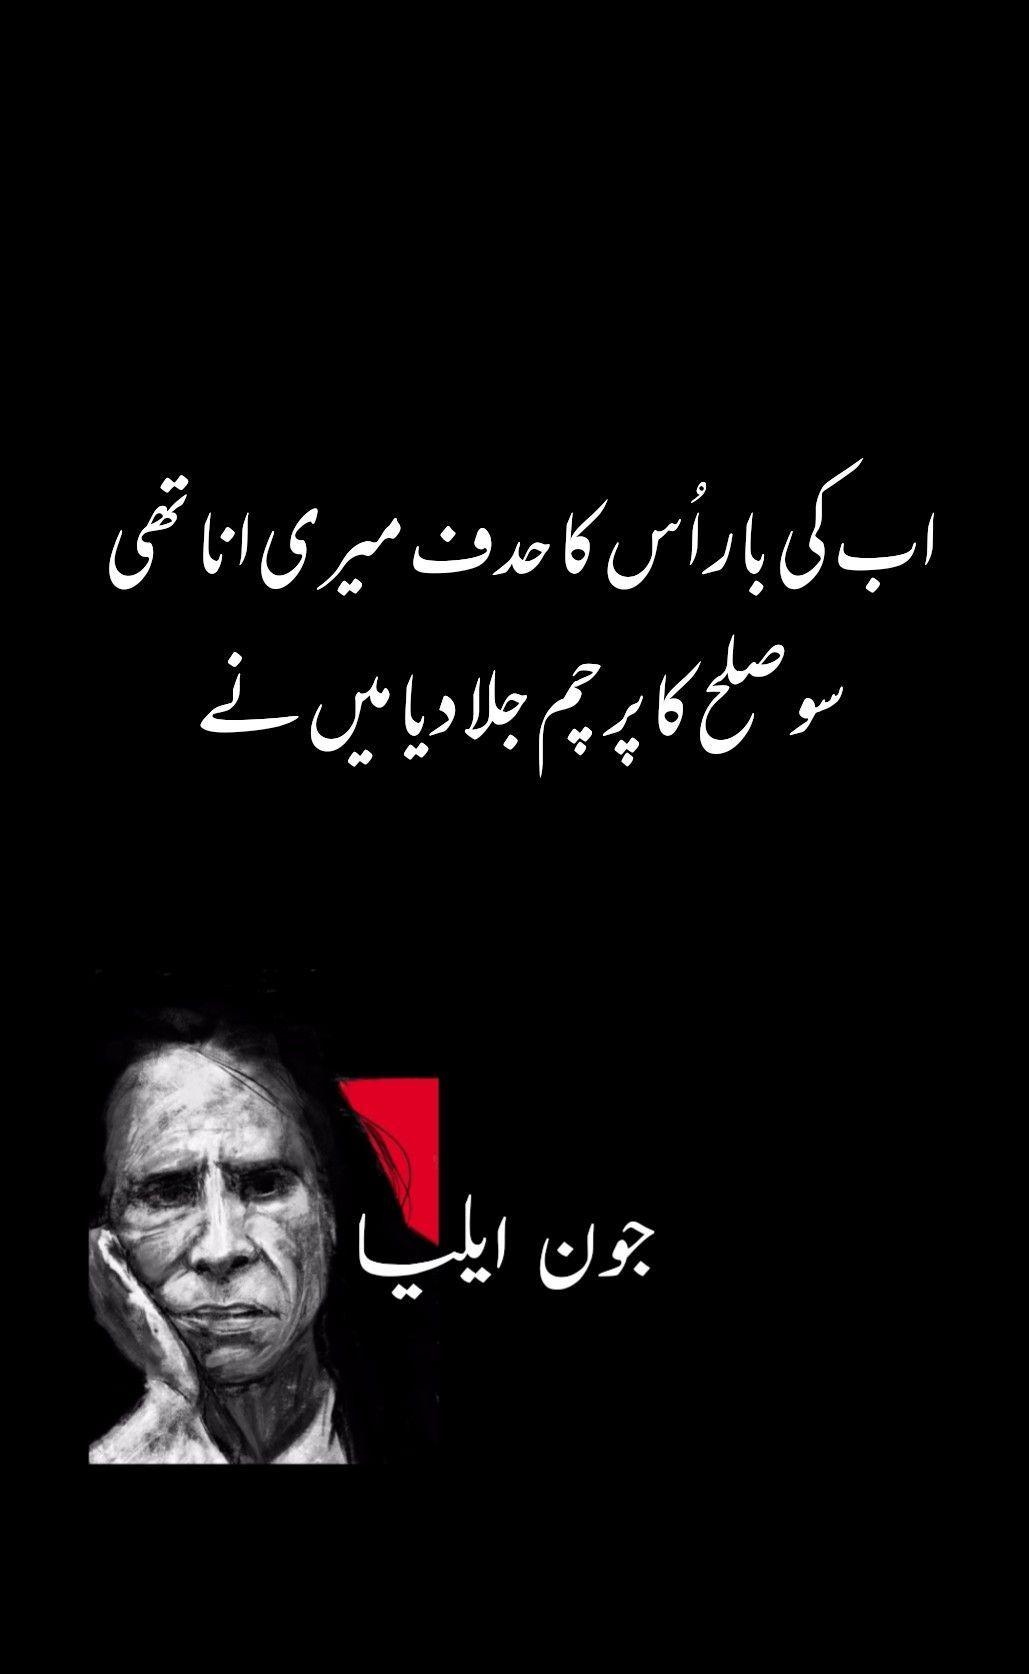 Love Poetry Urdu, Best Urdu